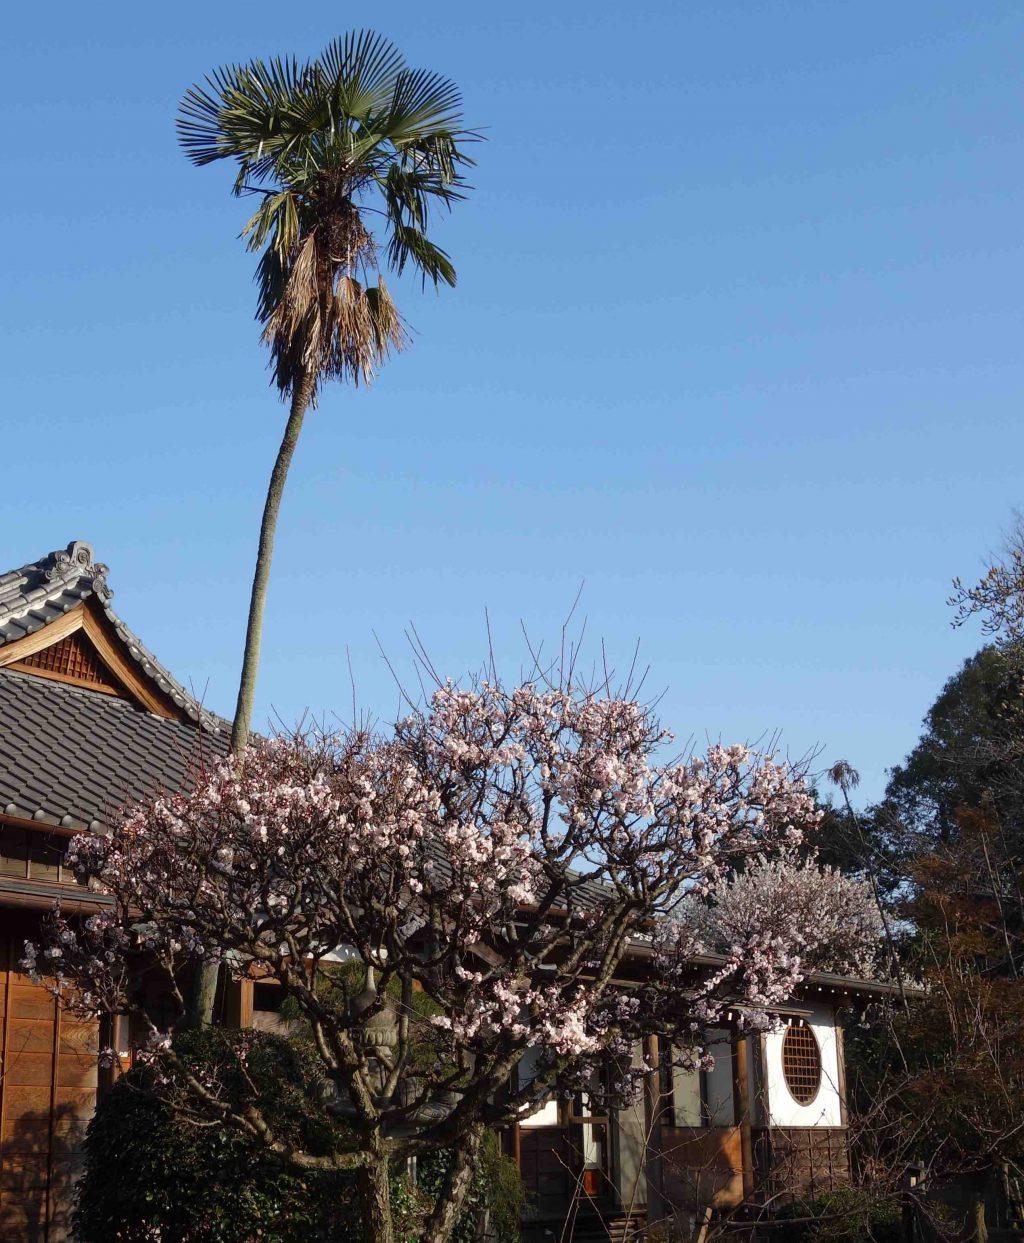 カワヅザクラ 風景 Kawazu cherry tree